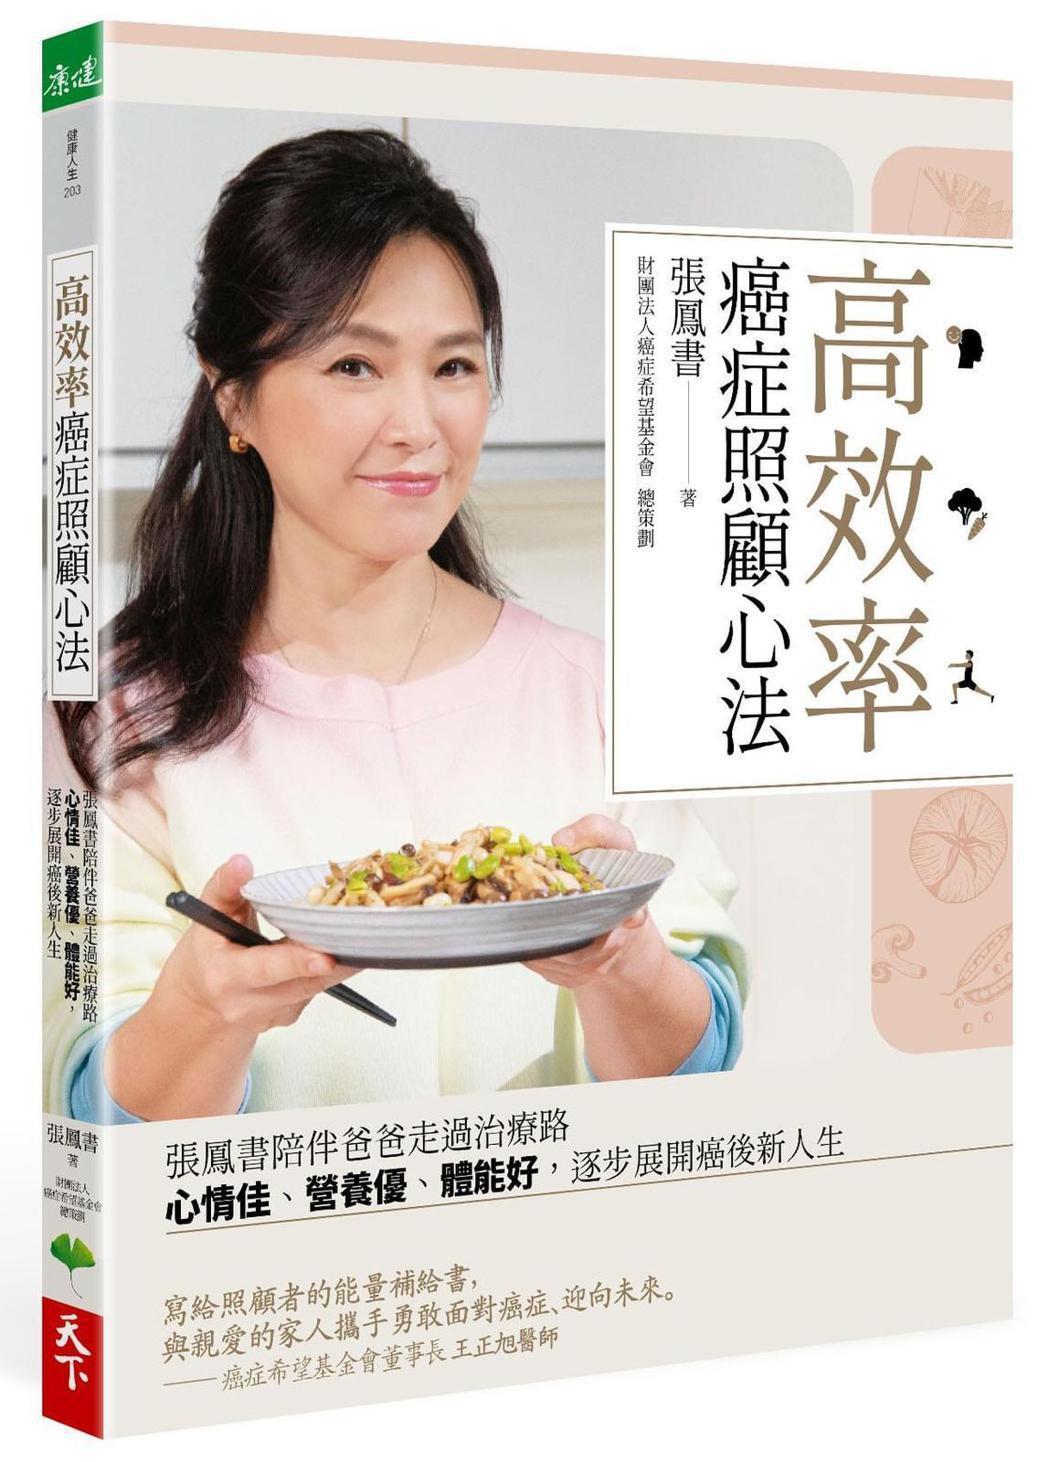 張鳳書推出新書「高效率癌症照顧心法」。圖/源鑛娛樂提供